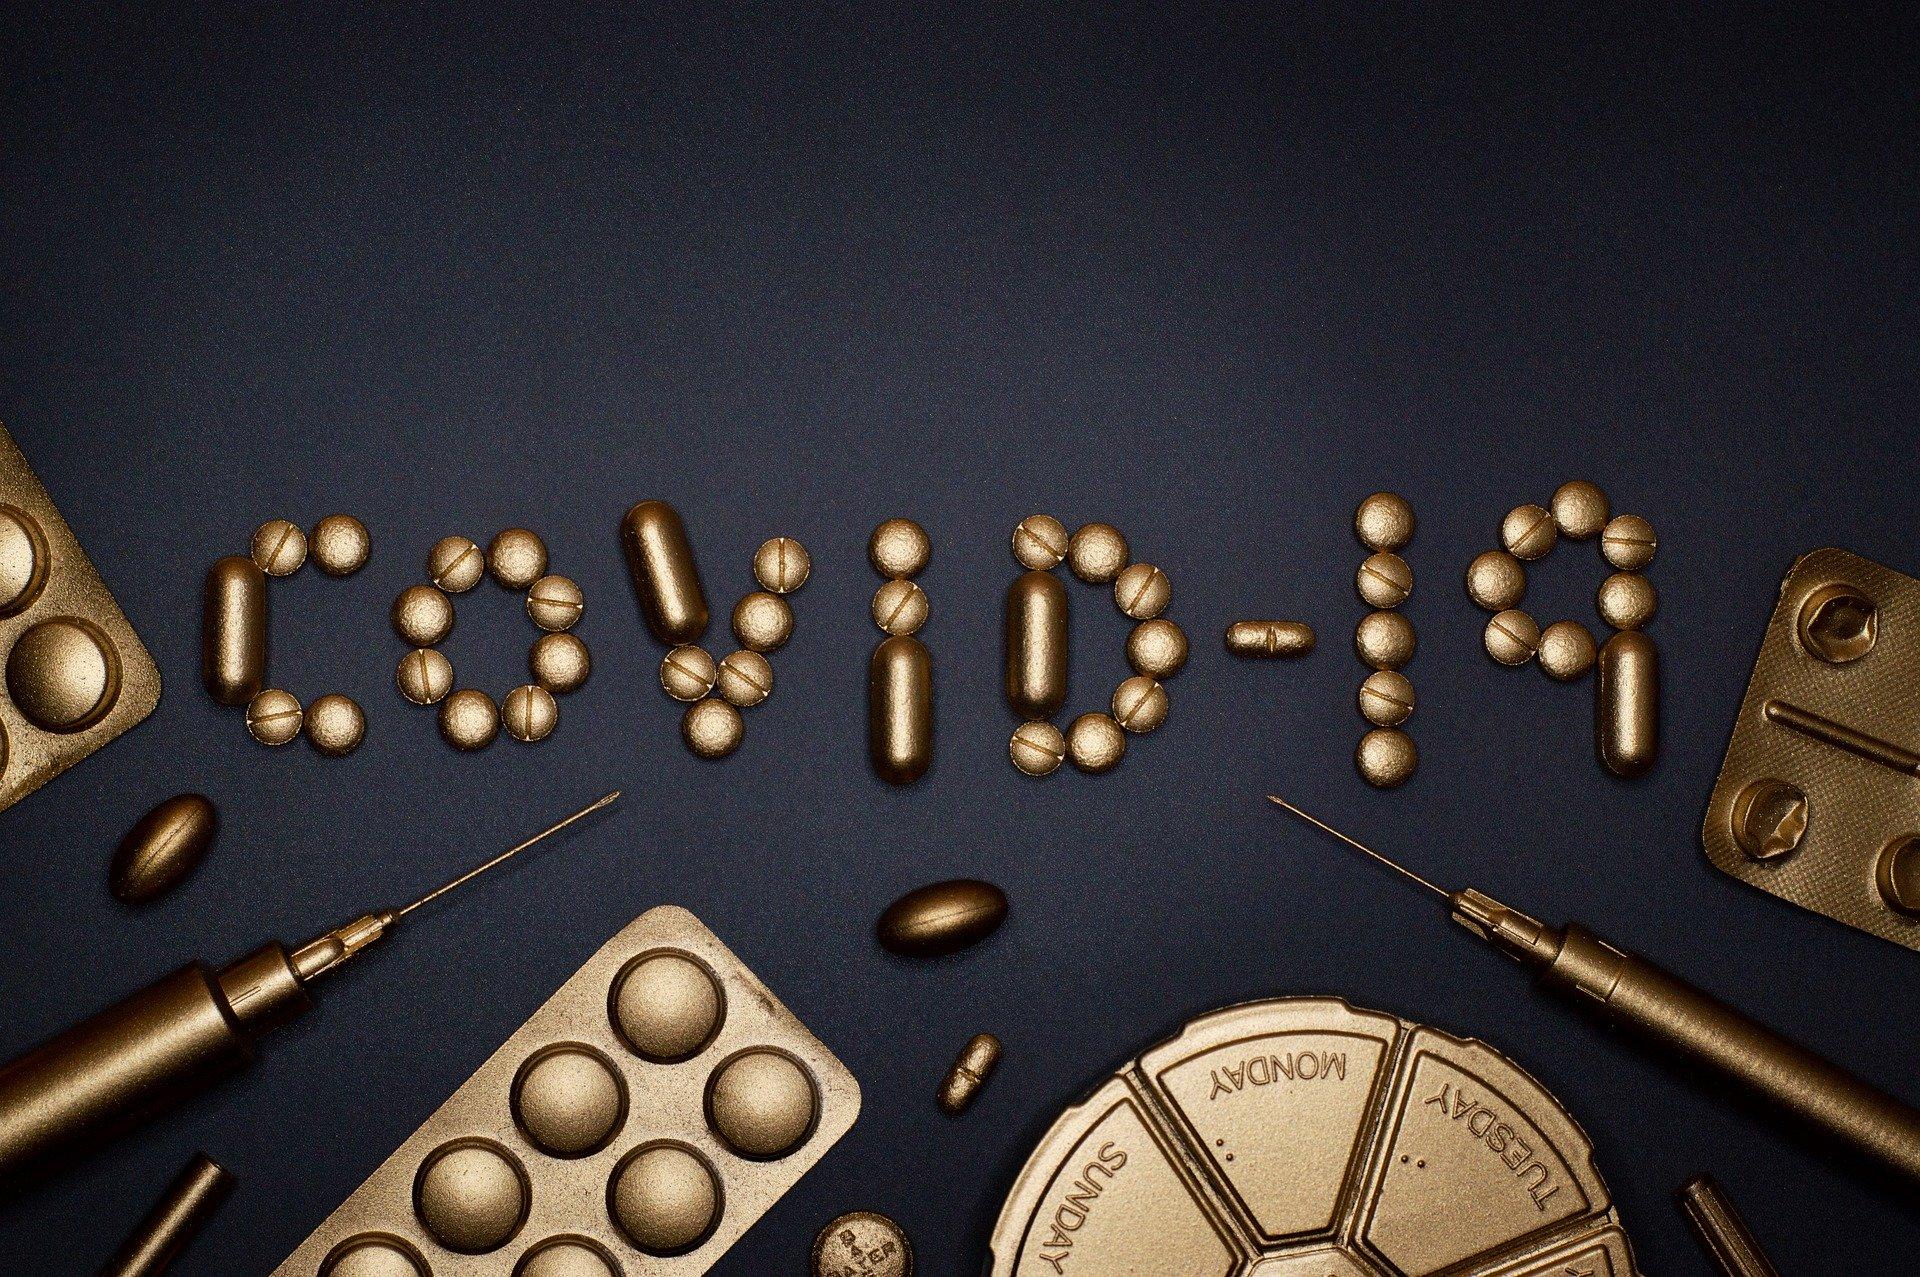 """Imagen de <a href=""""https://pixabay.com/es/users/iira116-7776369/?utm_source=link-attribution&amp;utm_medium=referral&amp;utm_campaign=image&amp;utm_content=4997525"""">Ирина Ирина</a> en <a href=""""https://pixabay.com/es/?utm_source=link-attribution&amp;utm_medium=referral&amp;utm_campaign=image&amp;utm_content=4997525"""">Pixabay</a>"""